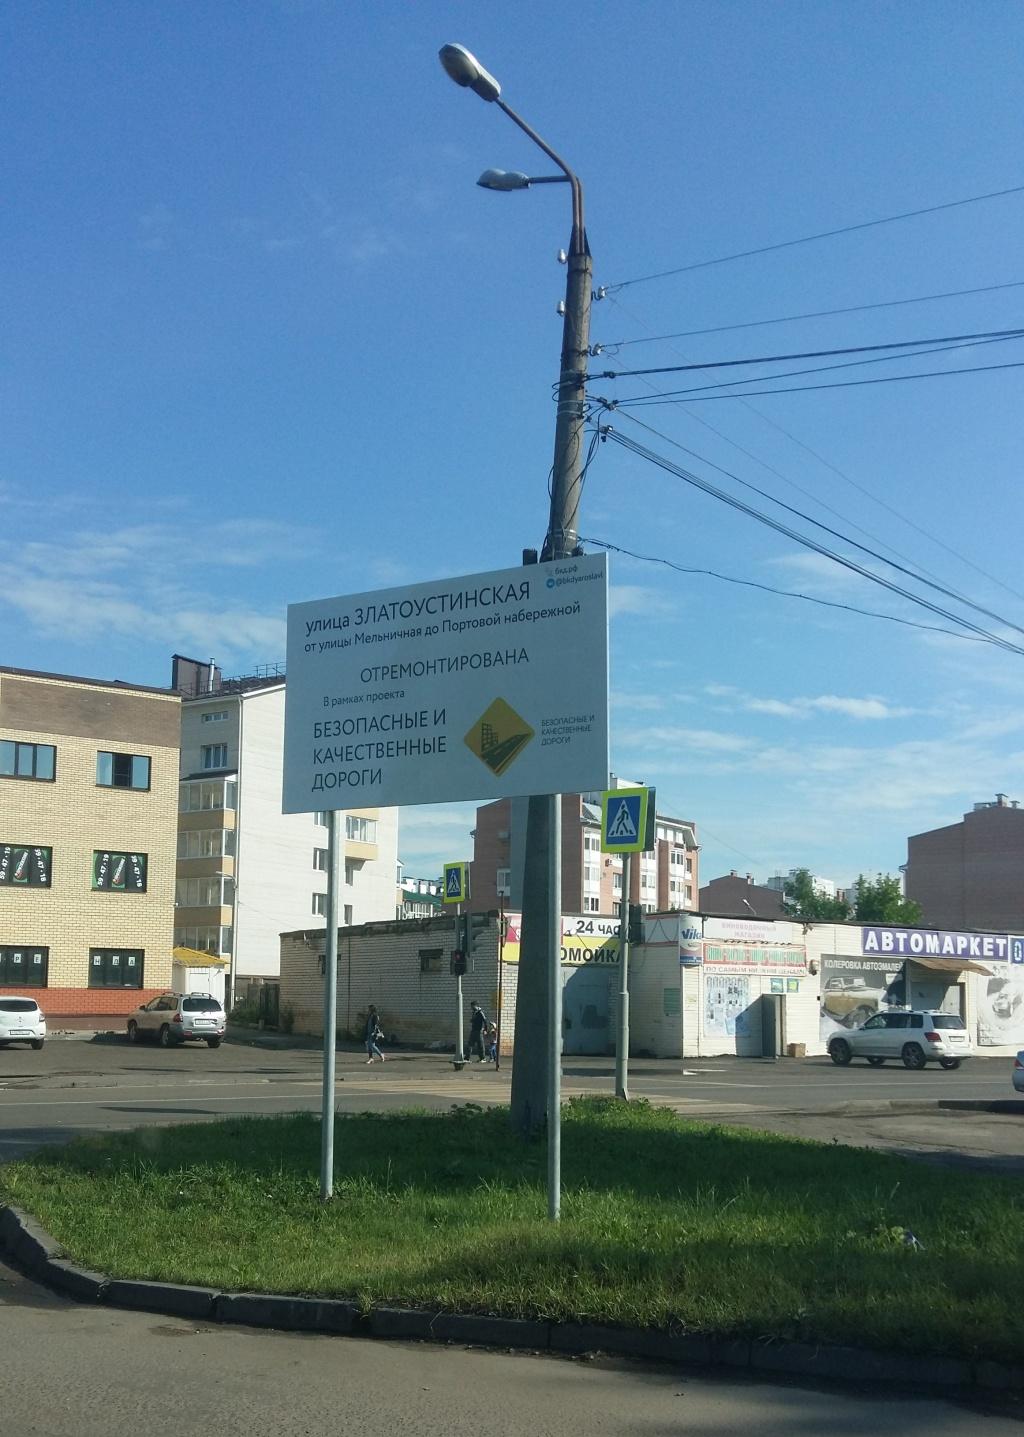 Улица Златоустинская (аншлаг).jpg